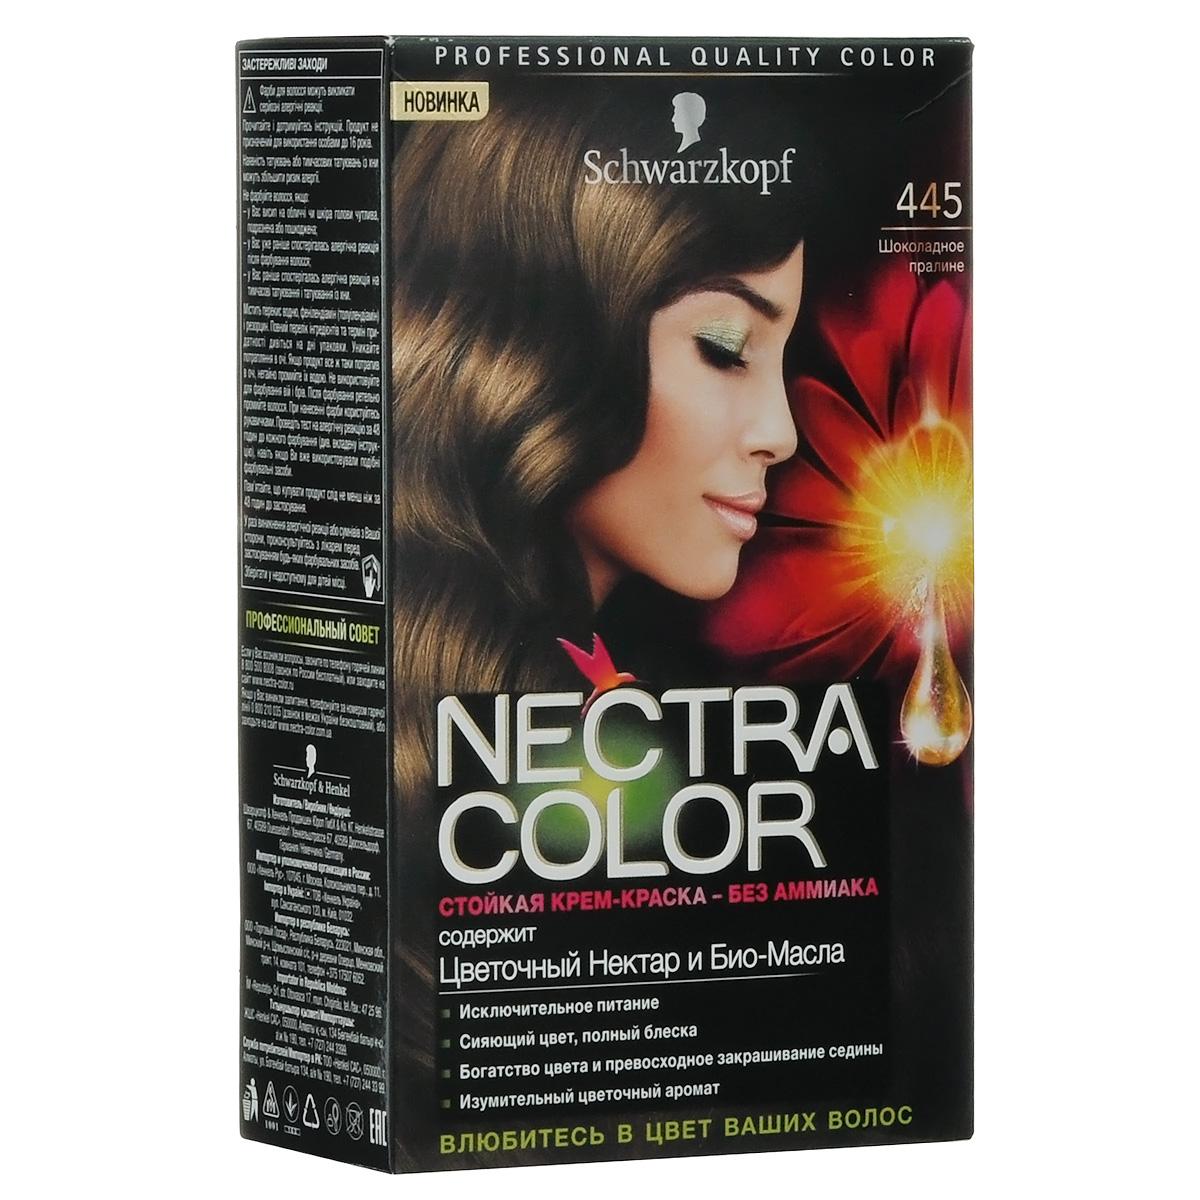 Schwarzkopf Краска для волос Nectra Color, оттенок 445 Шоколадное пралине, 142,5 млMP59.4DСтойкая крем-краска Nectra Color придает волосам роскошный цвет, при этом делая их невероятно красивыми и ухоженными. Формула без аммиака с улучшенной системой доставки красителя маслами использует силу и свойство масел максимизировать действие красителя. Богатство цвета и изумительный цветочный аромат вдохновят Вас, а превосходное питание придаст Вашим волосам еще больше шелковистости.